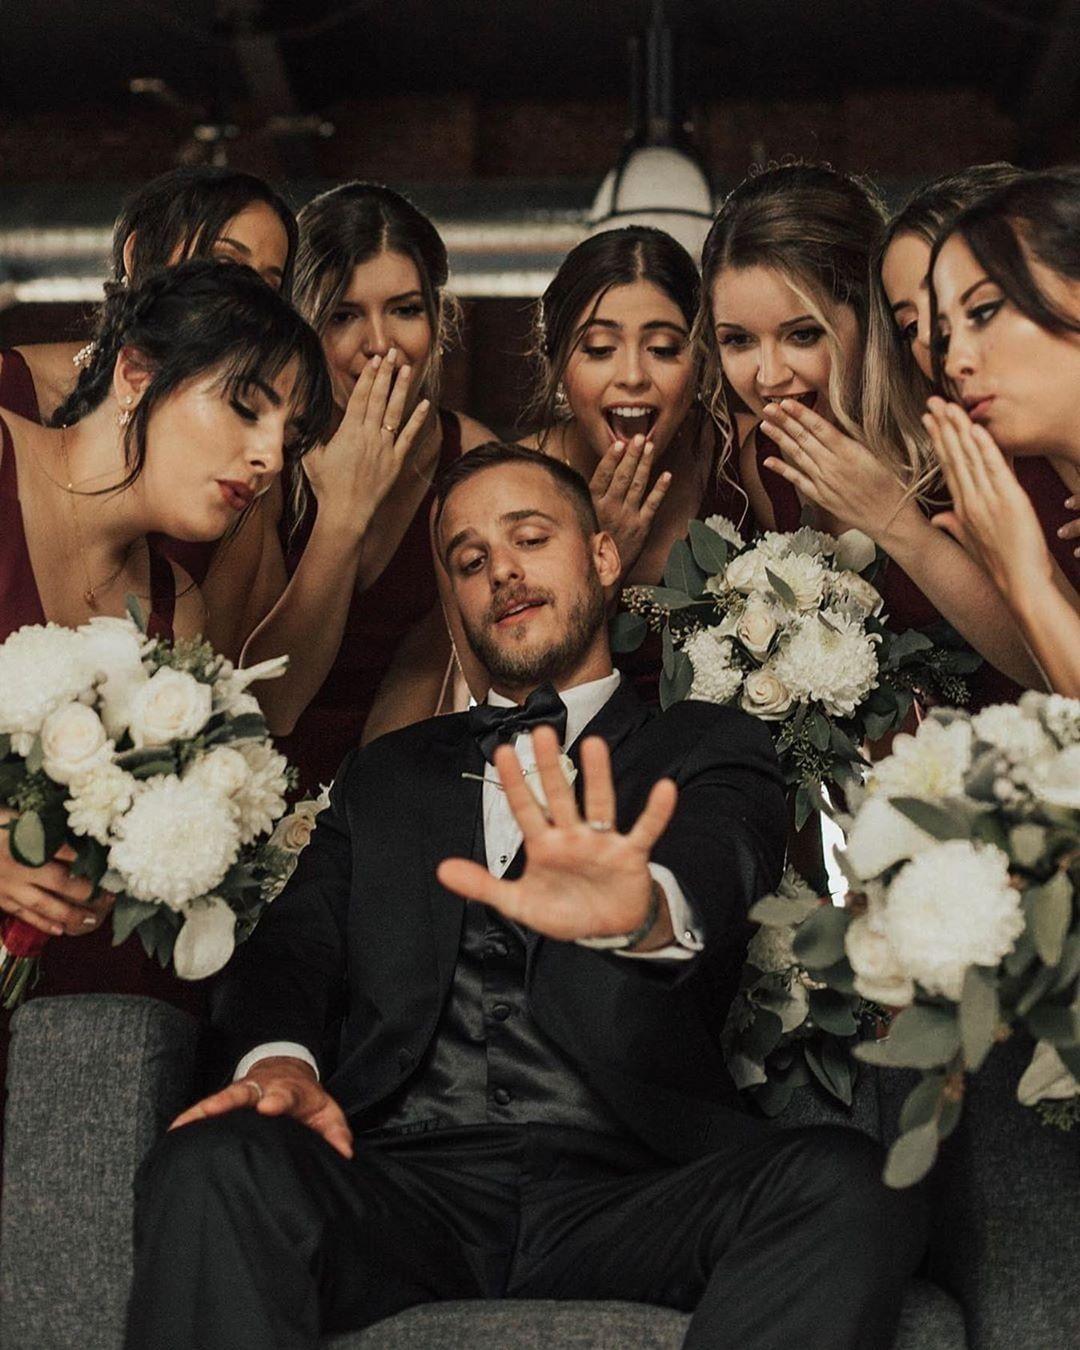 Wir haben für Euch ein paar wichtige Tipps und originelle Ideen für die Gruppenfotos auf der Hochzeit, die alles andere als langweilig sind.